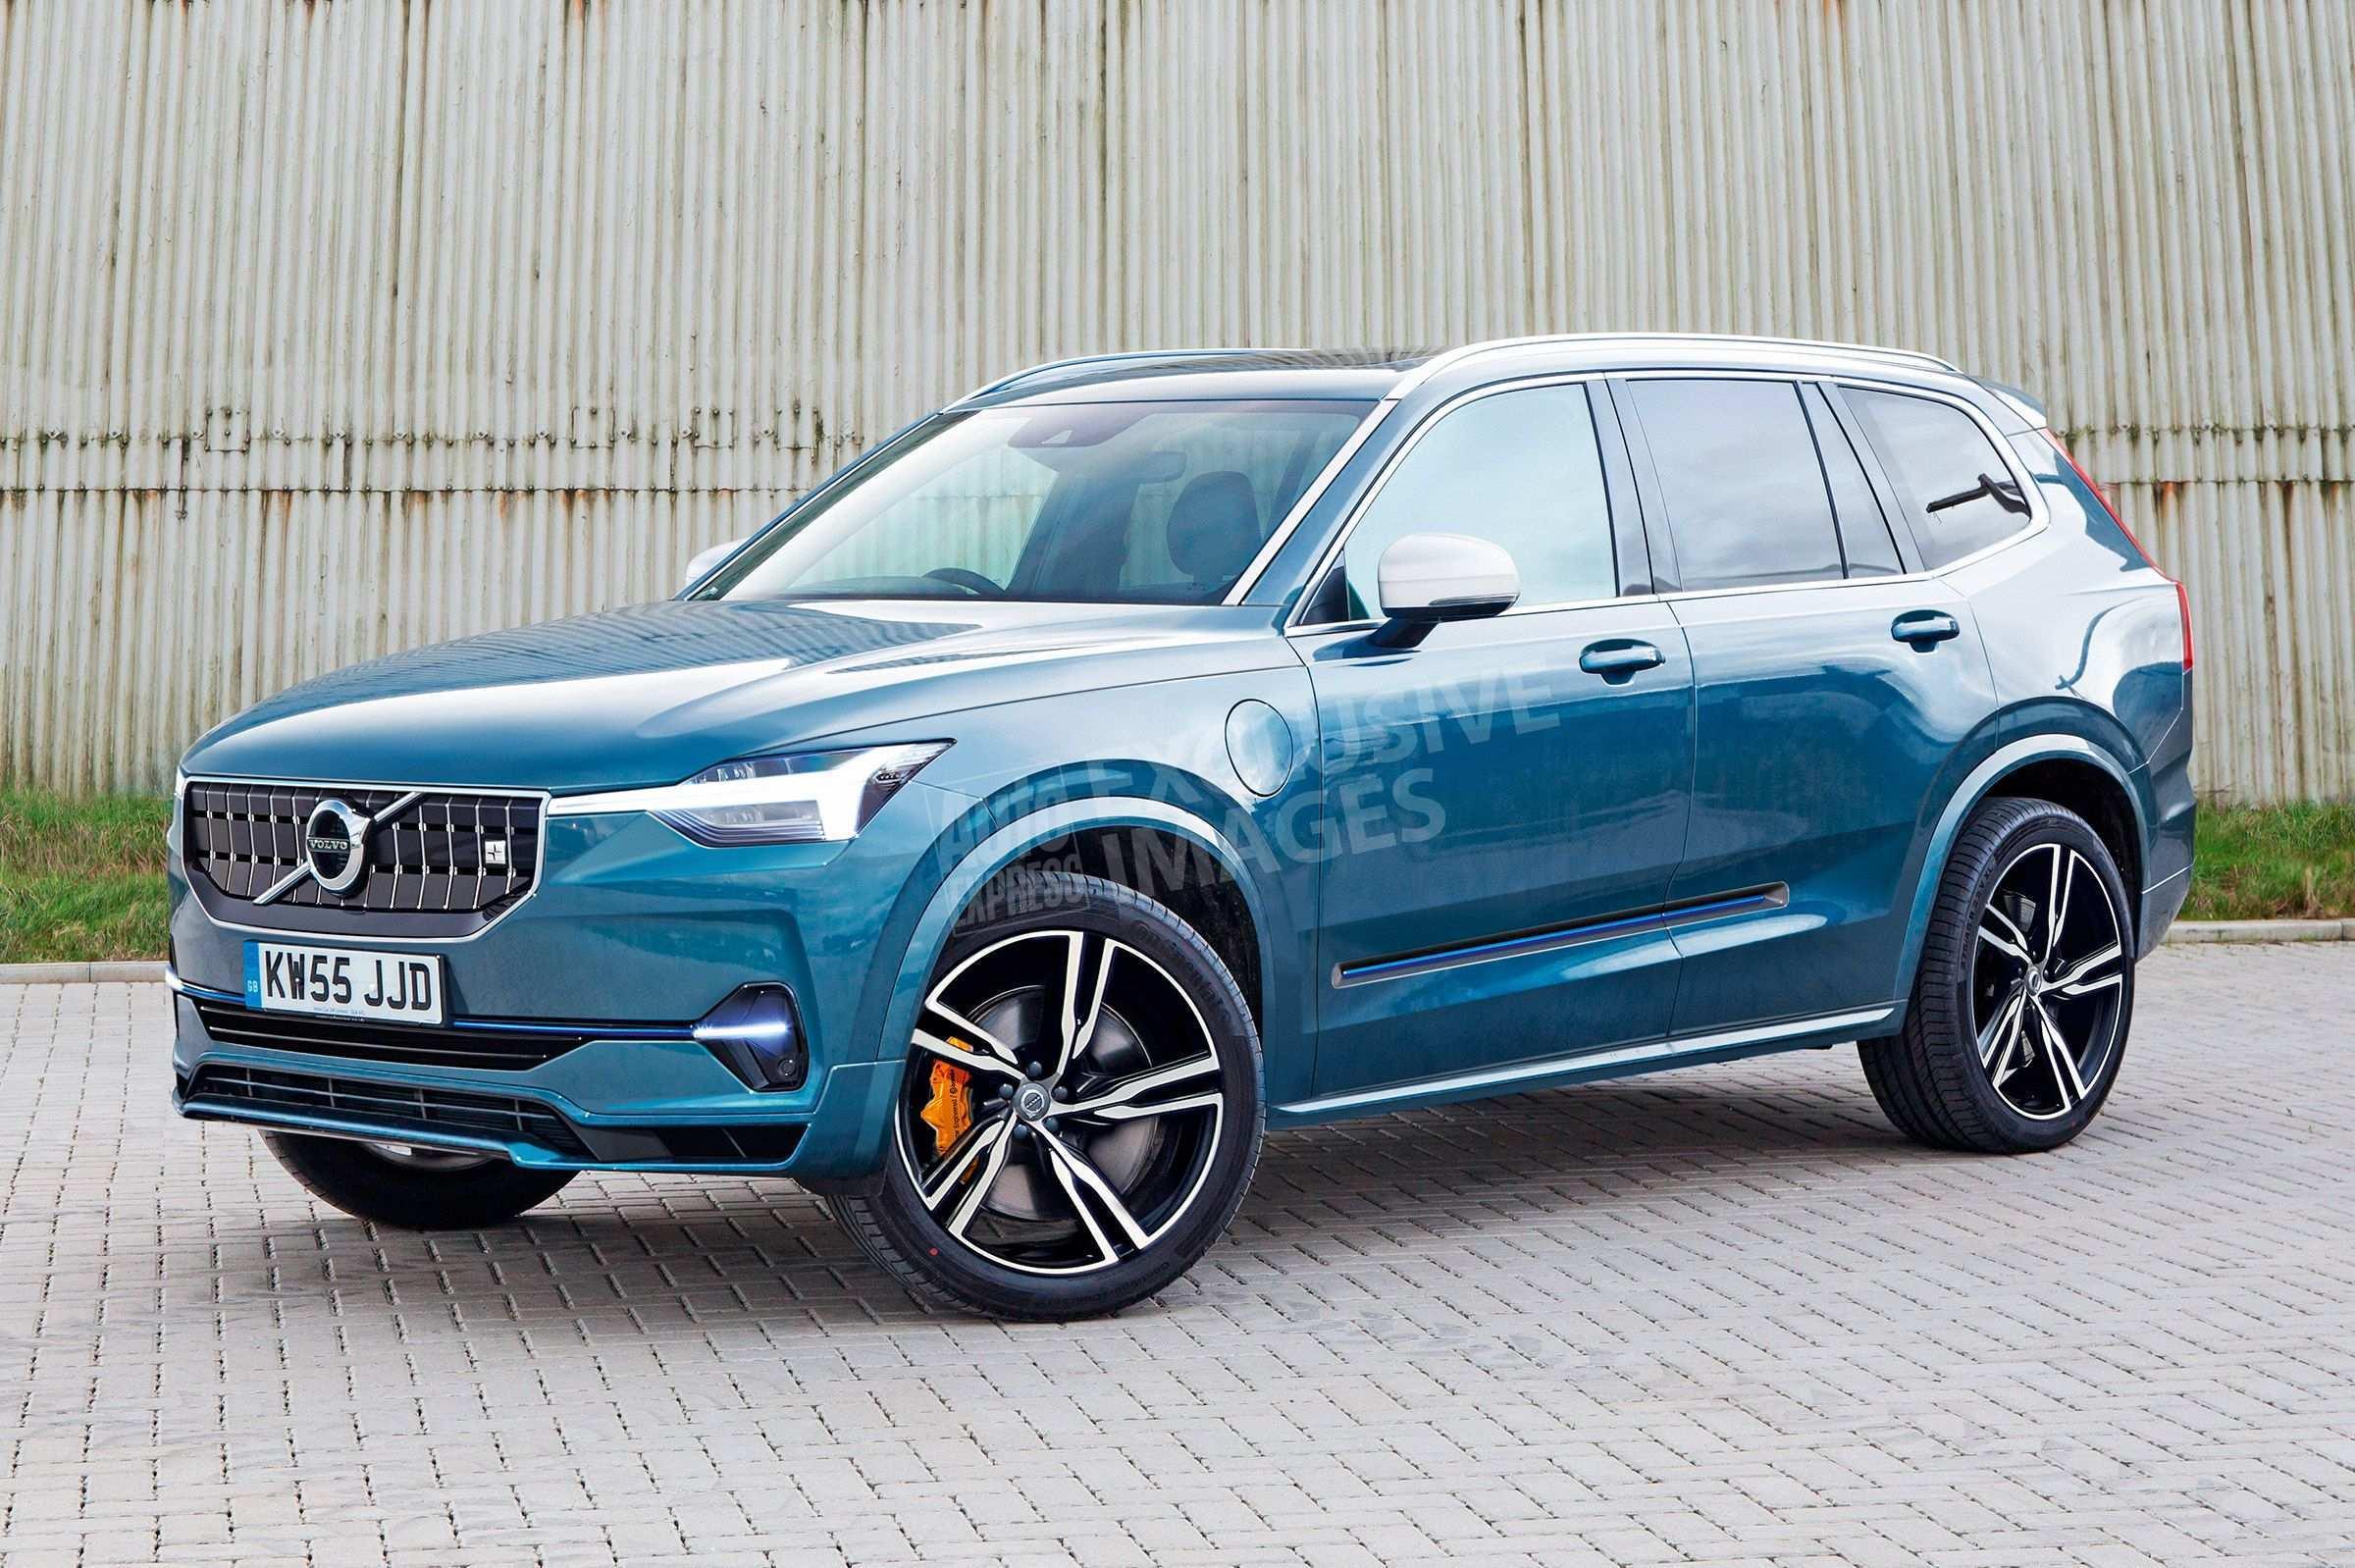 53 Best Review Volvo 2020 Diesel Model with Volvo 2020 Diesel